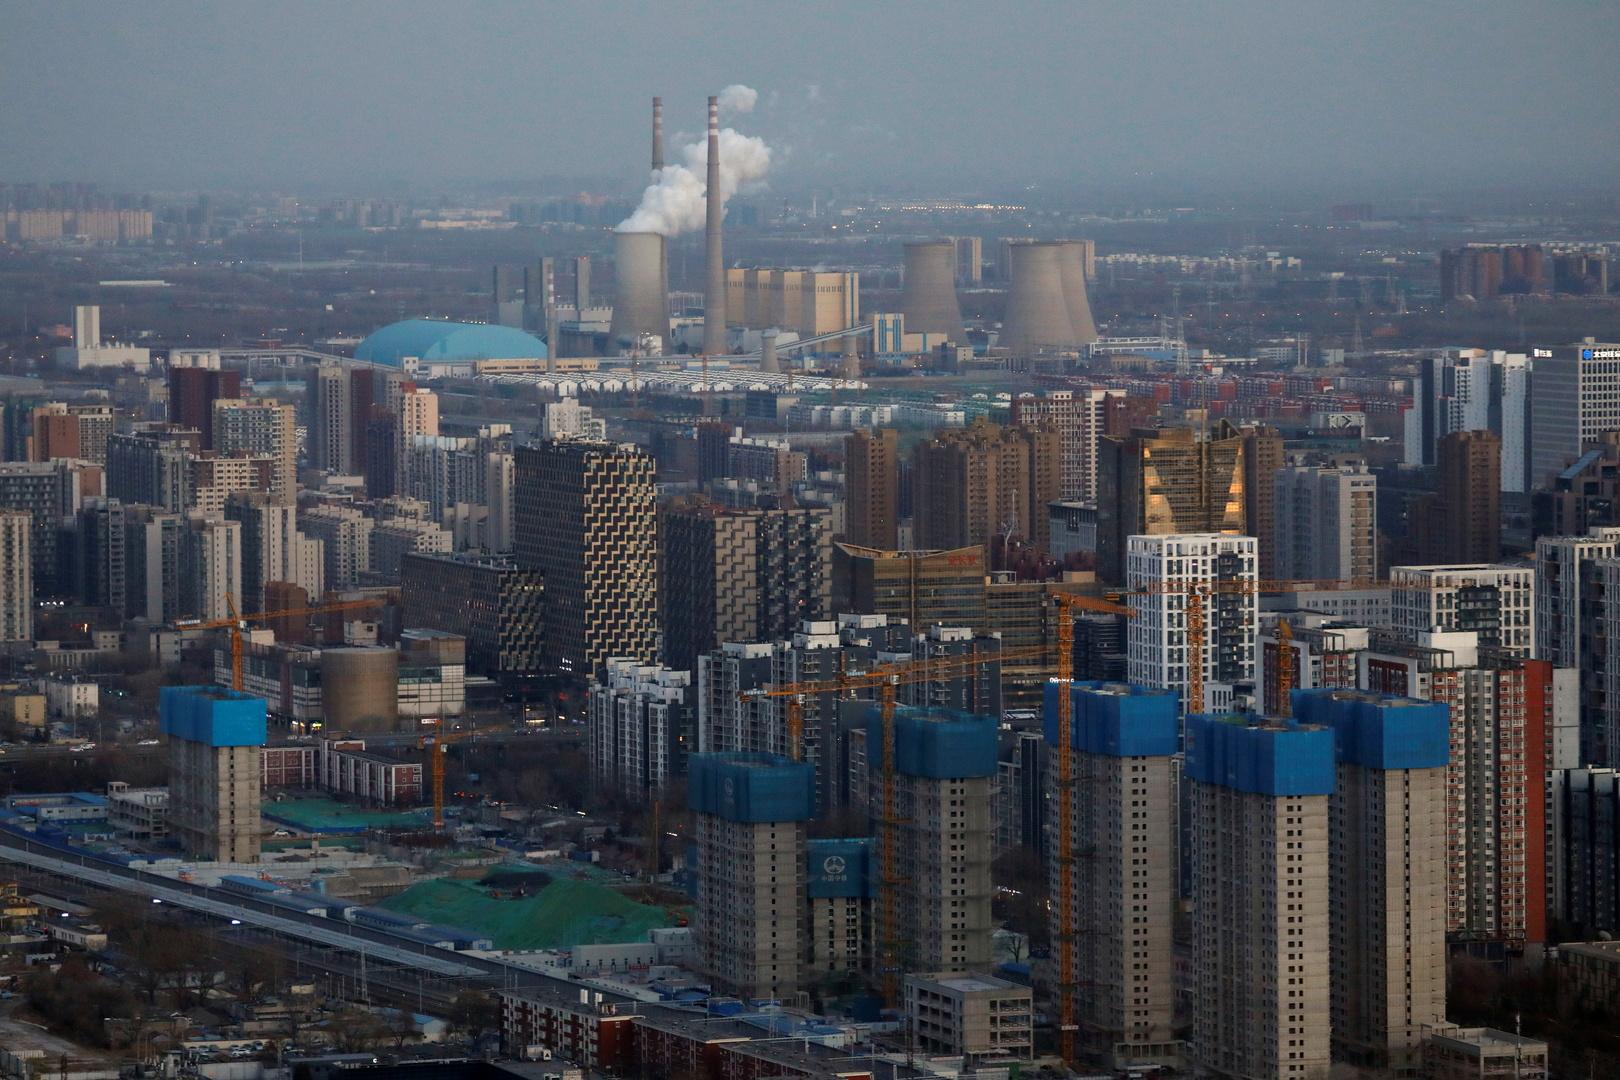 الصين نجحت في خلق قرابة 12 مليون وظيفة خلال 2020 متجاوزة التوقعات